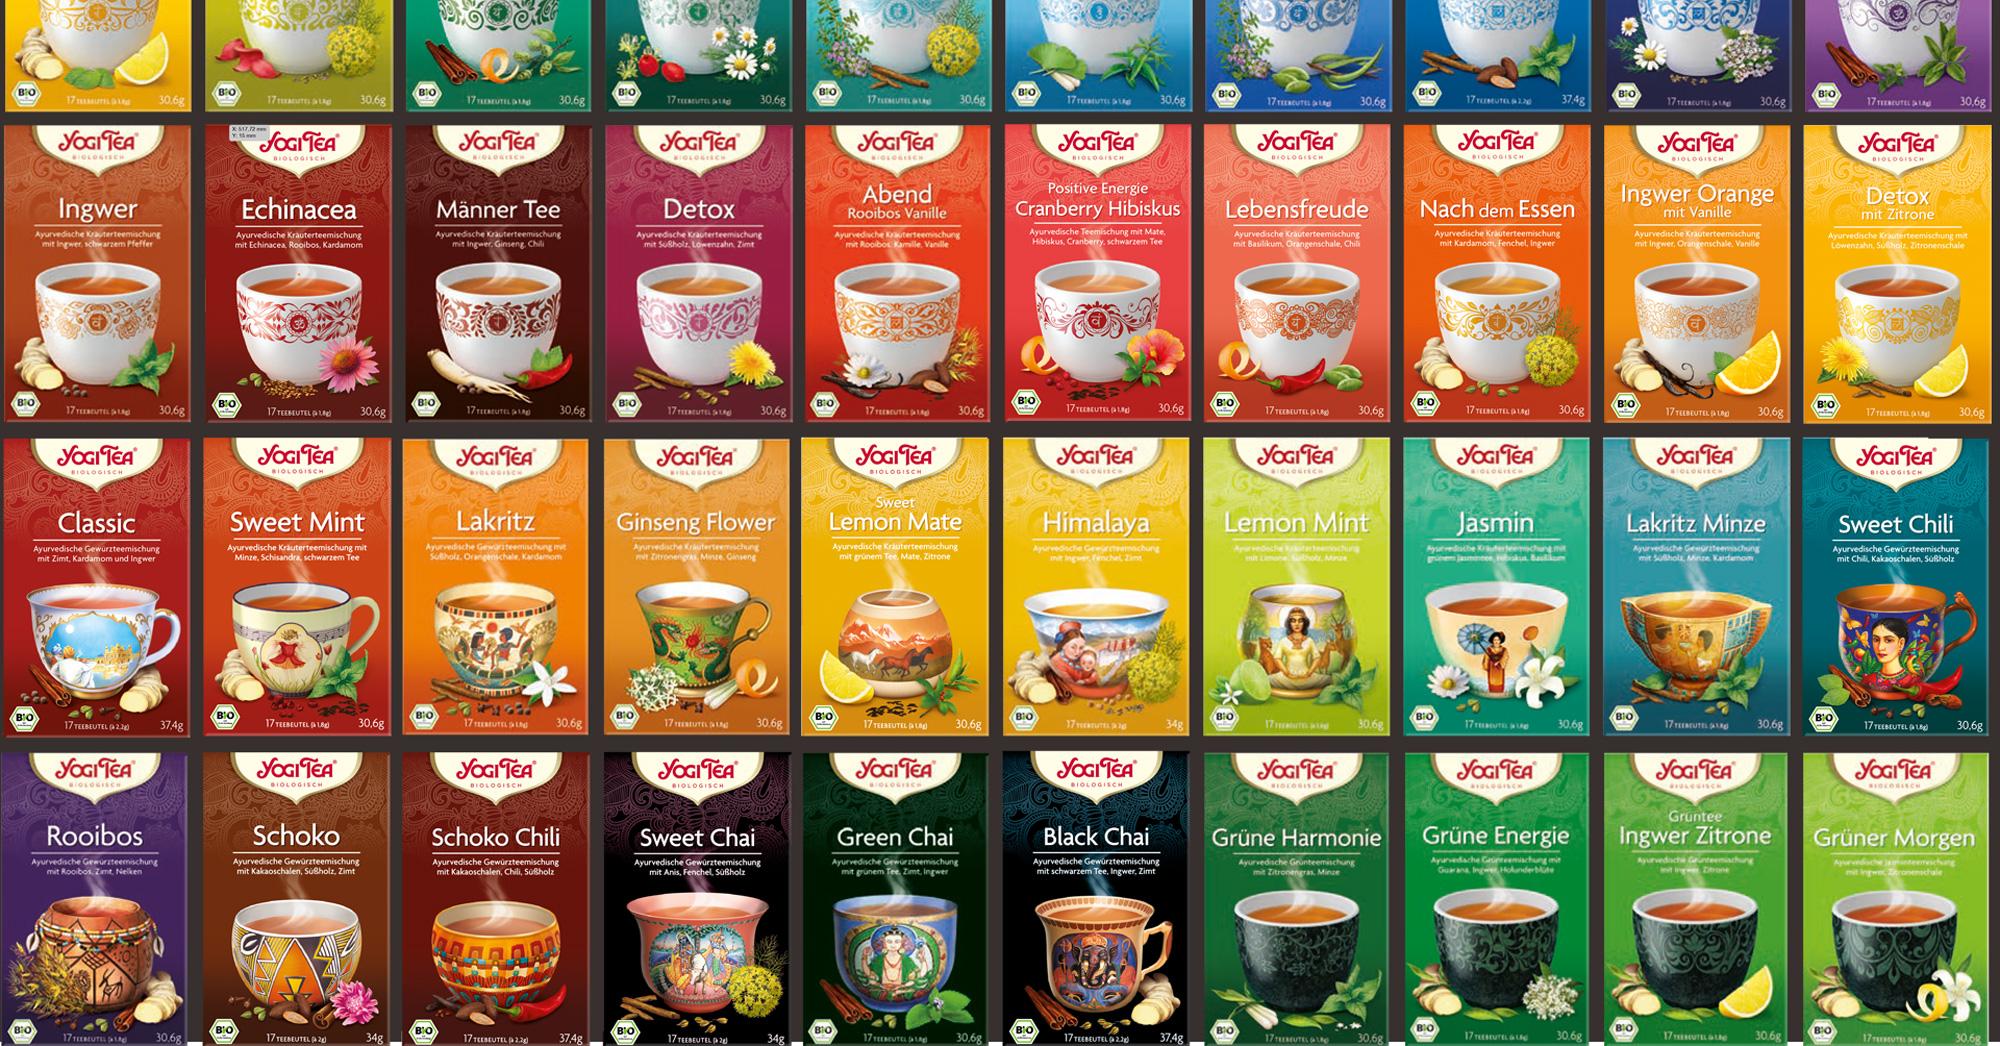 Image%203%20-%20Yogi-teaboxes.jpg?159368